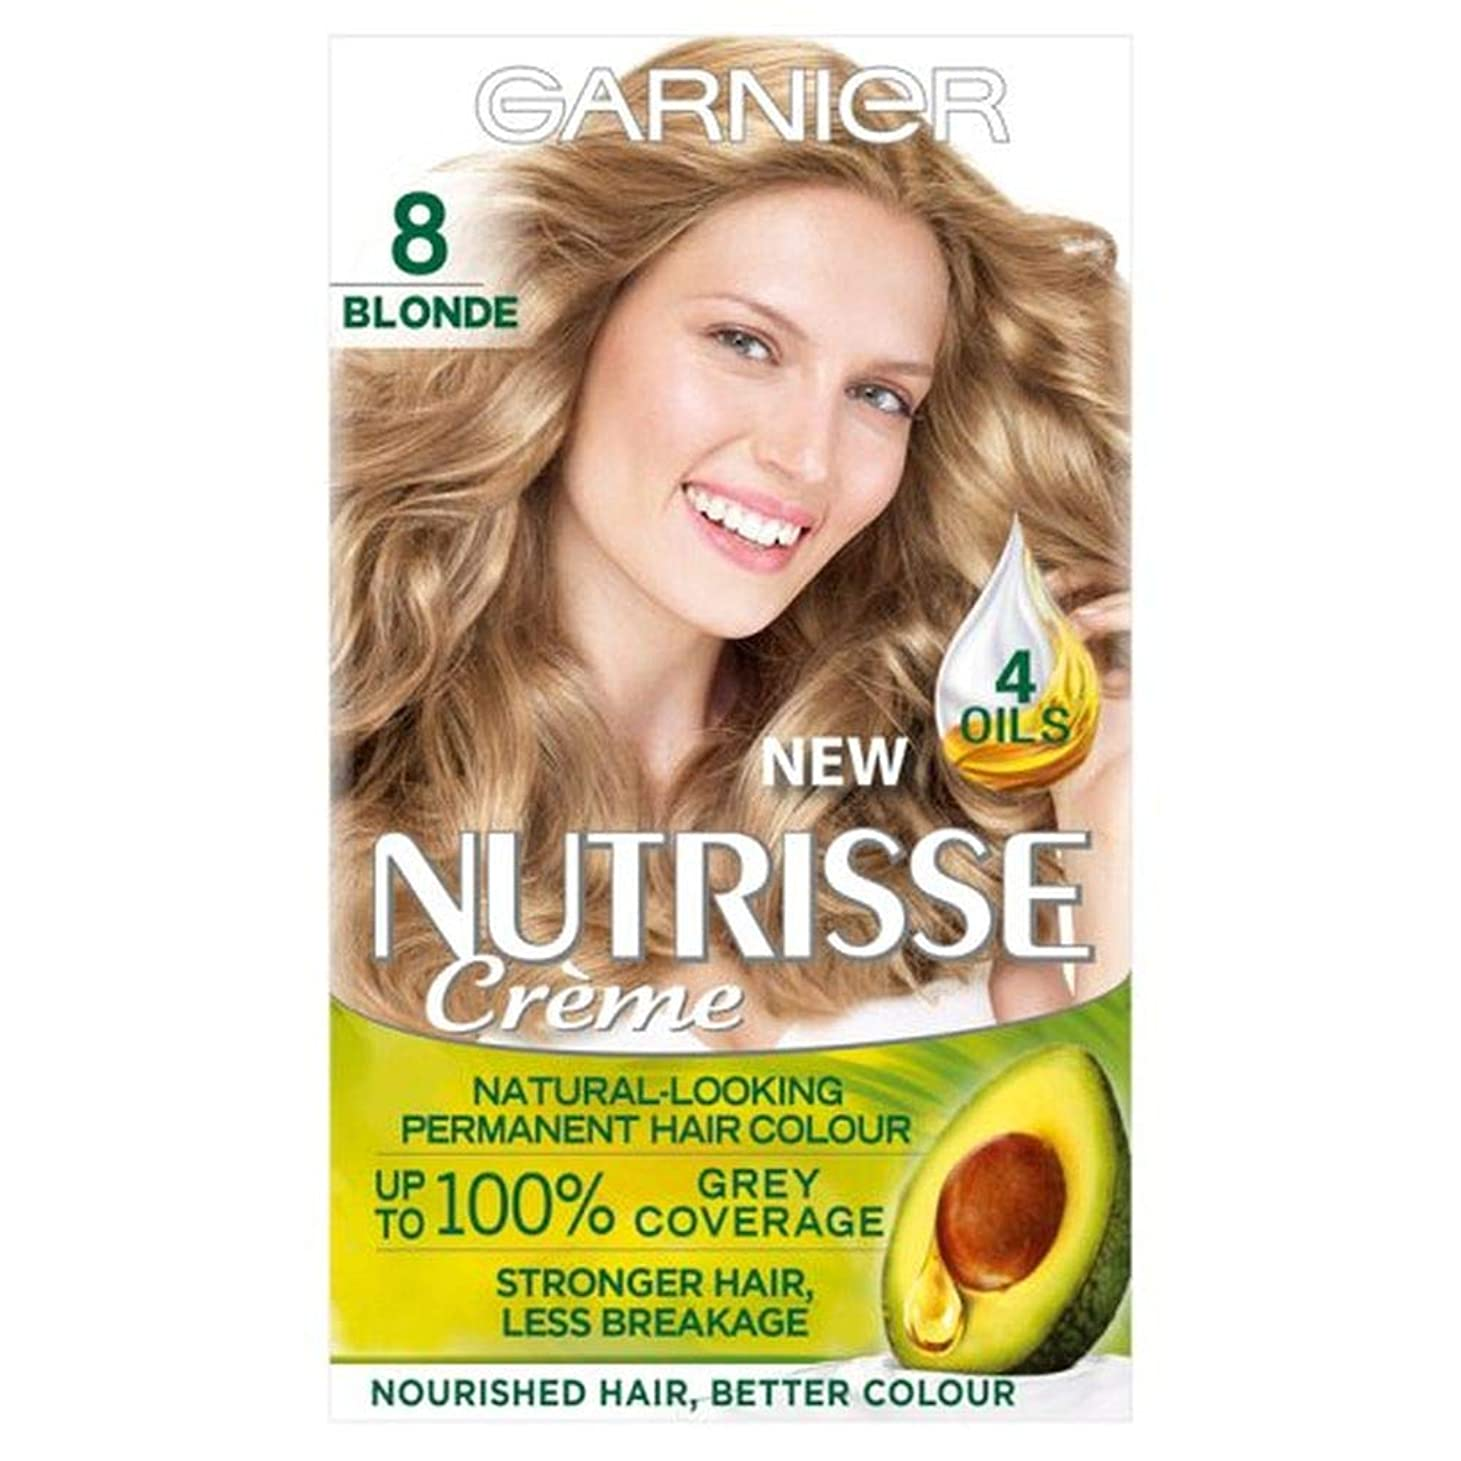 オーディションパイプライン明確な[Nutrisse] 8ブロンドの永久染毛剤Nutrisseガルニエ - Garnier Nutrisse 8 Blonde Permanent Hair Dye [並行輸入品]